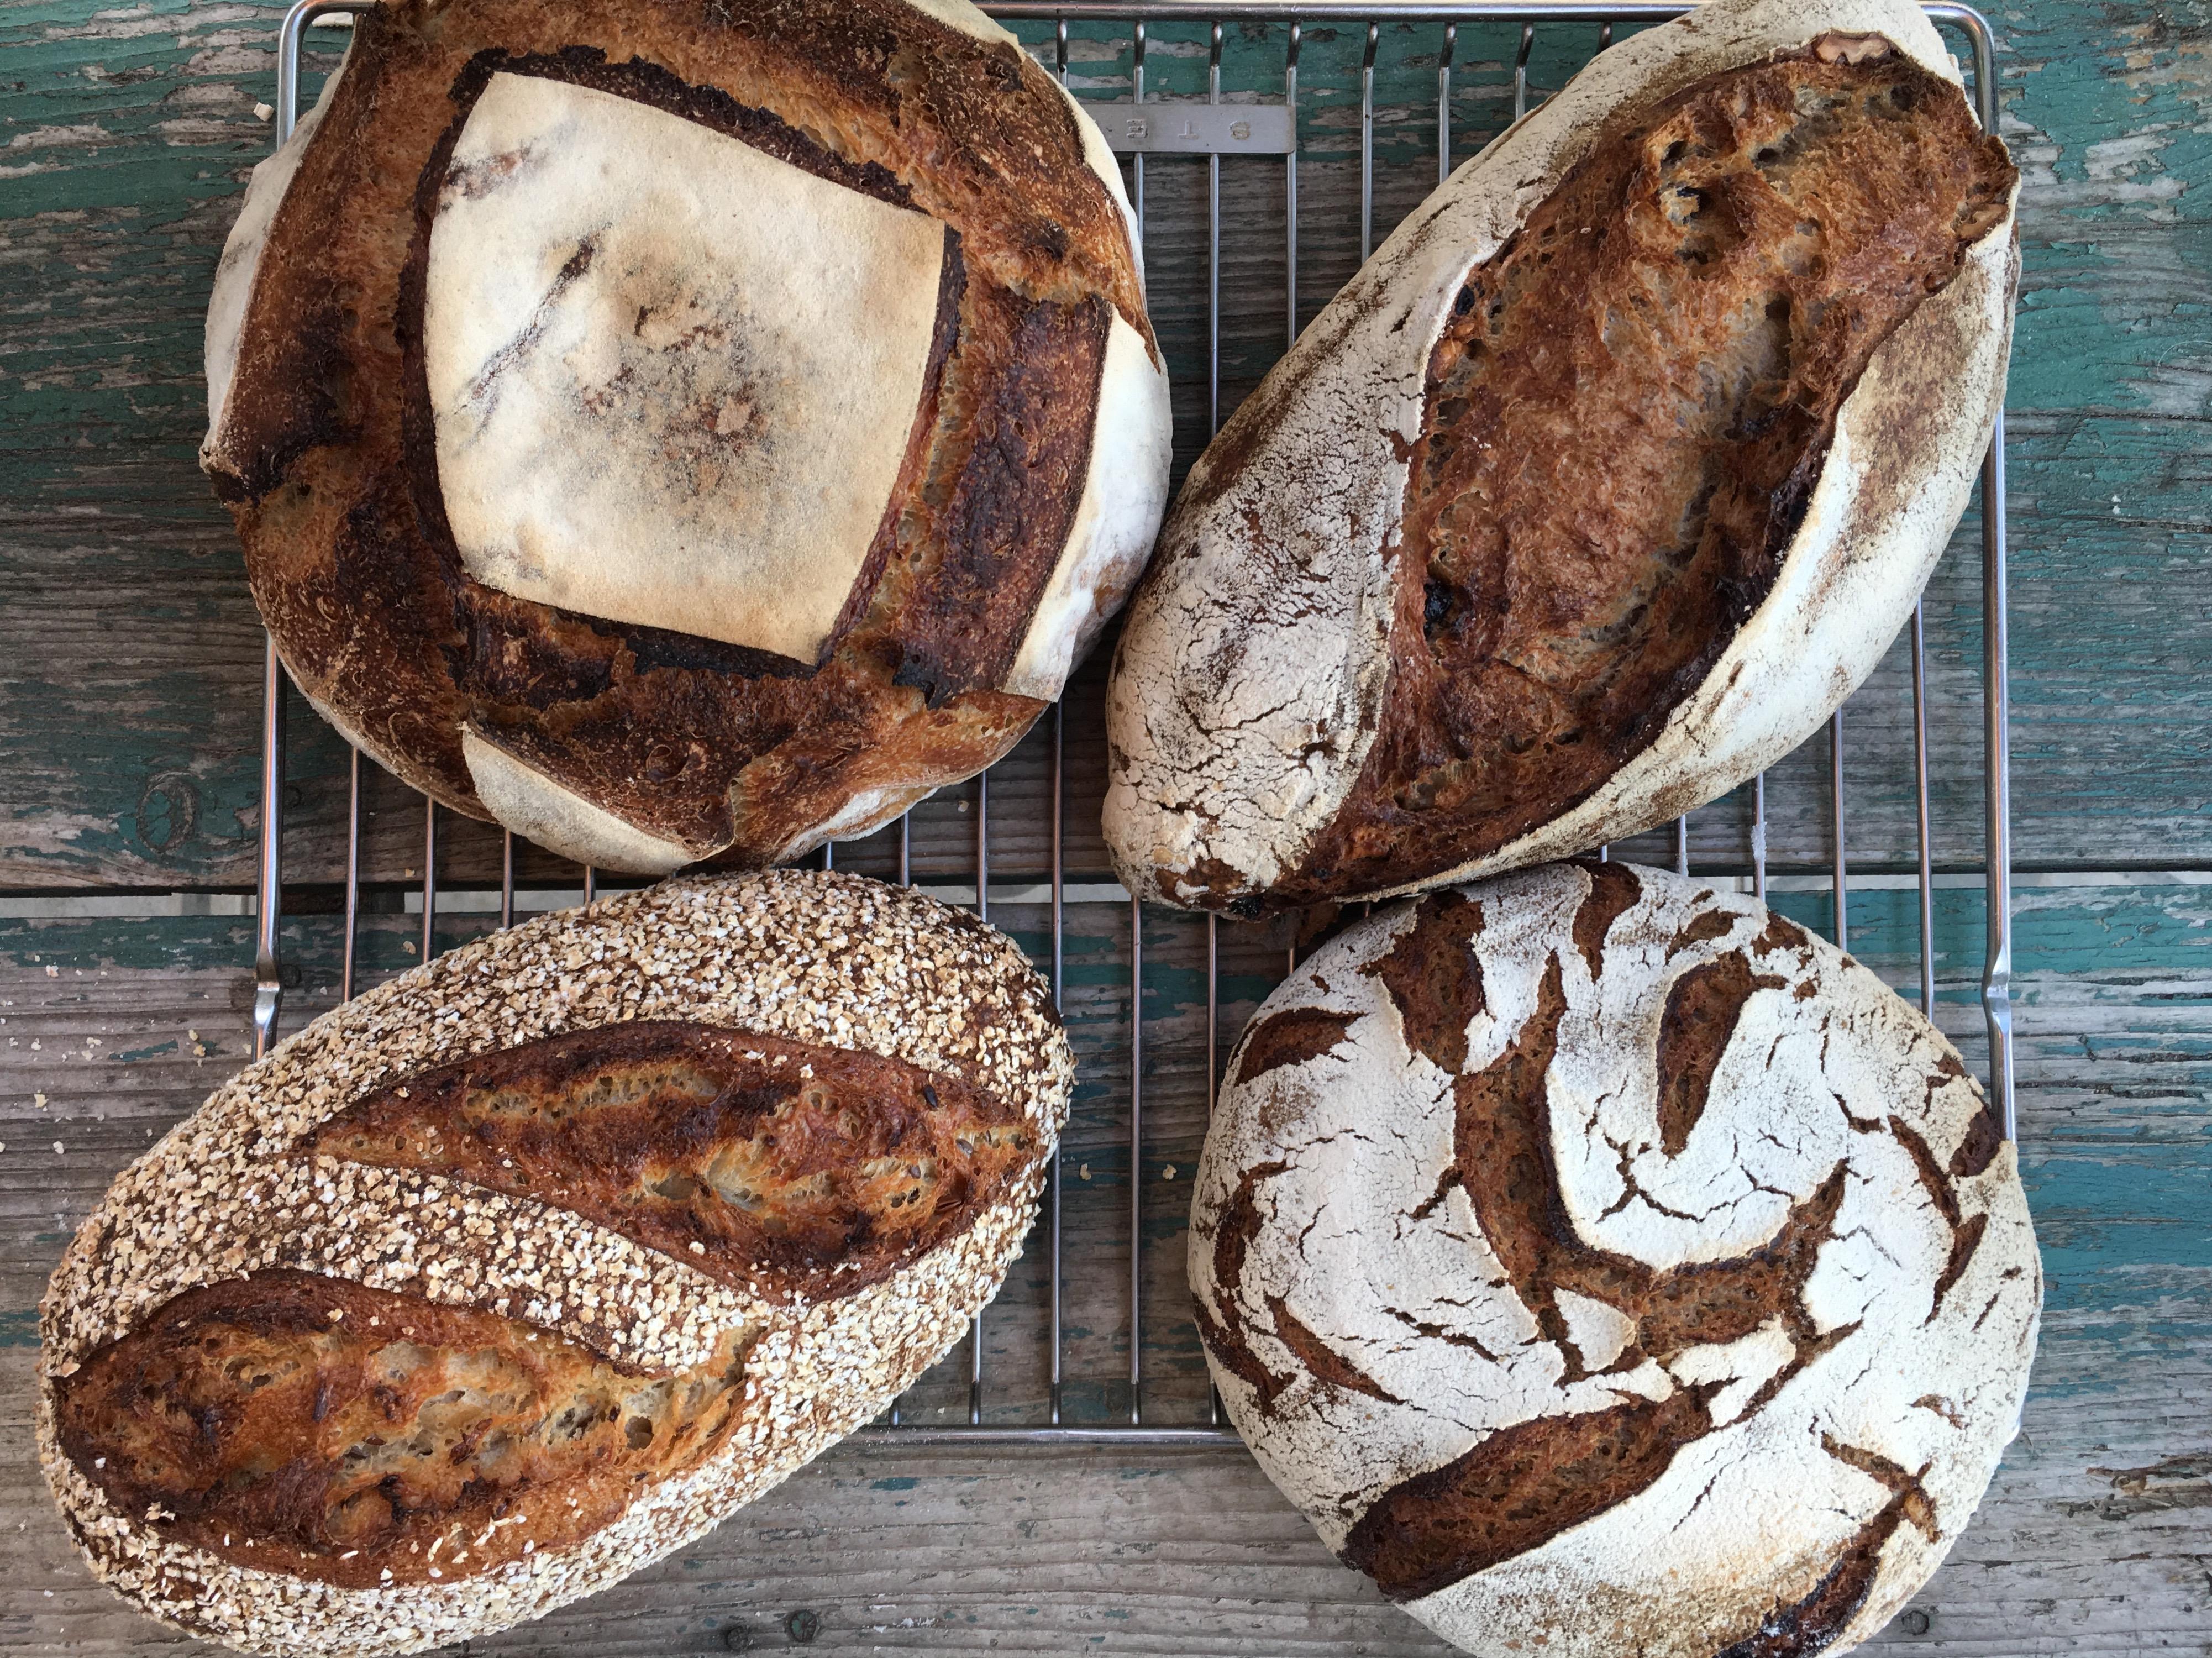 Tovább marad friss és puhább lesz a házi kenyér, ha így sütöd